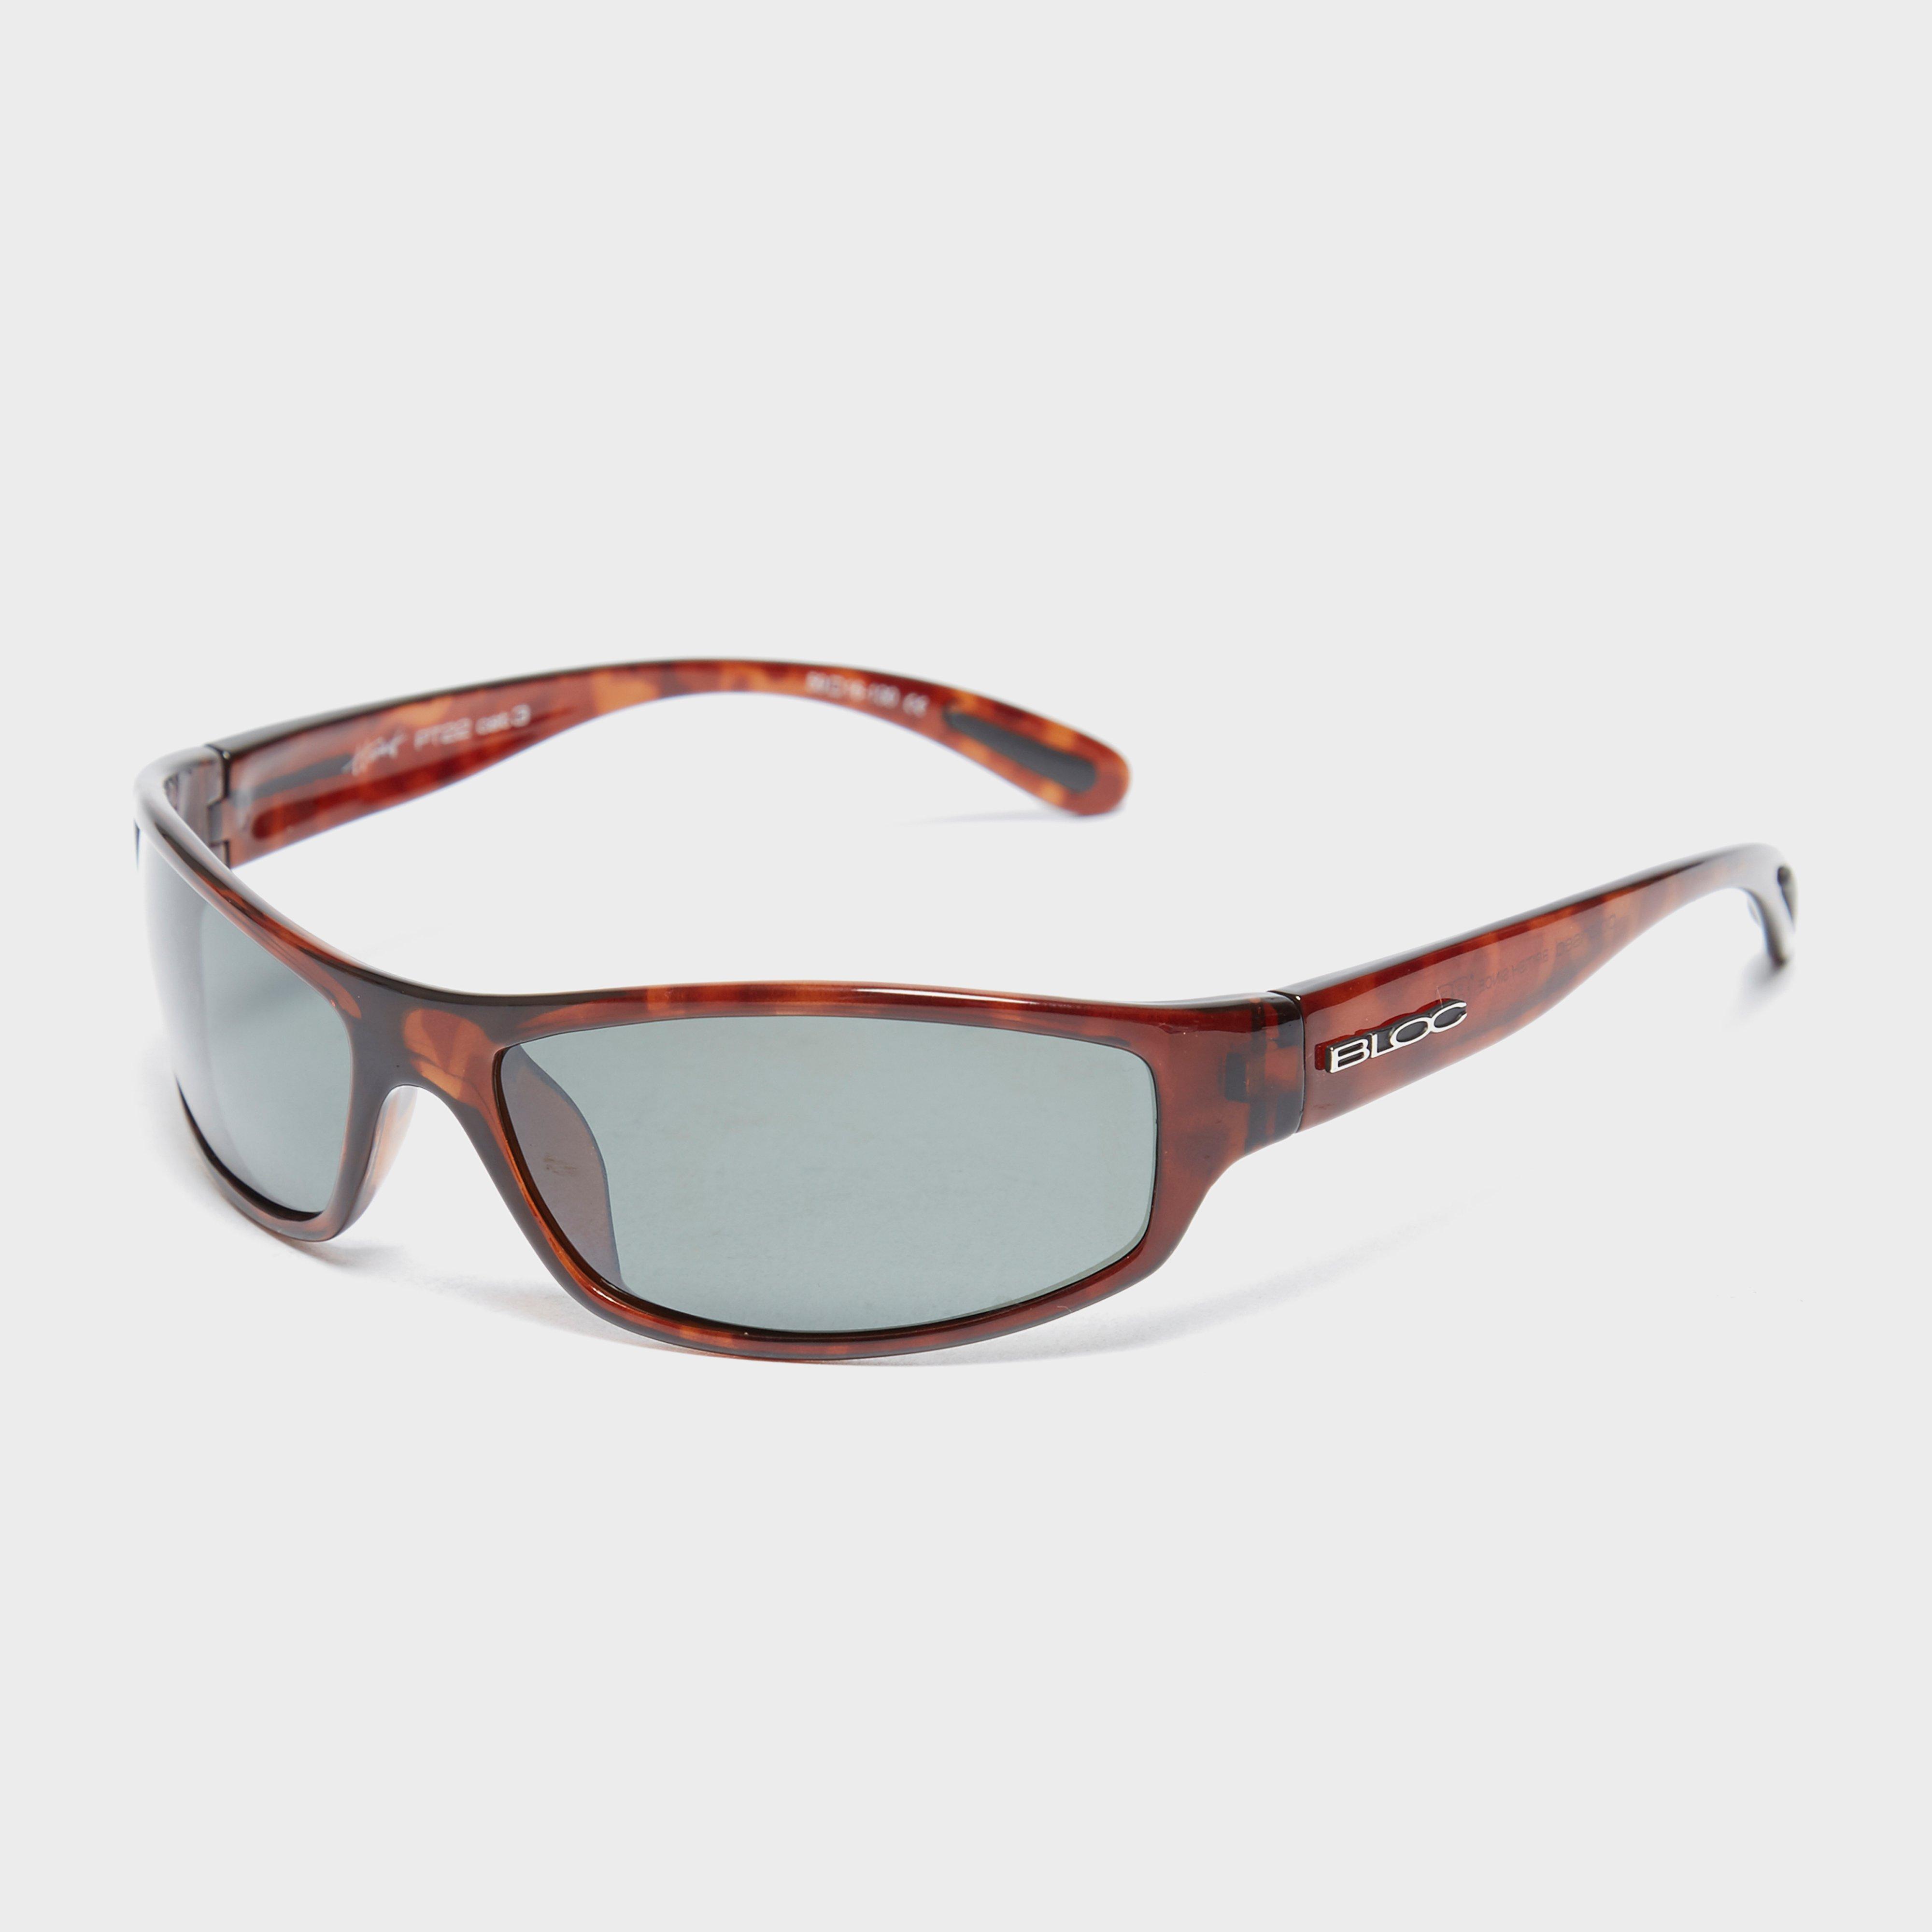 Bloc Hornet Pt22 Sunglasses - Multi  Multi